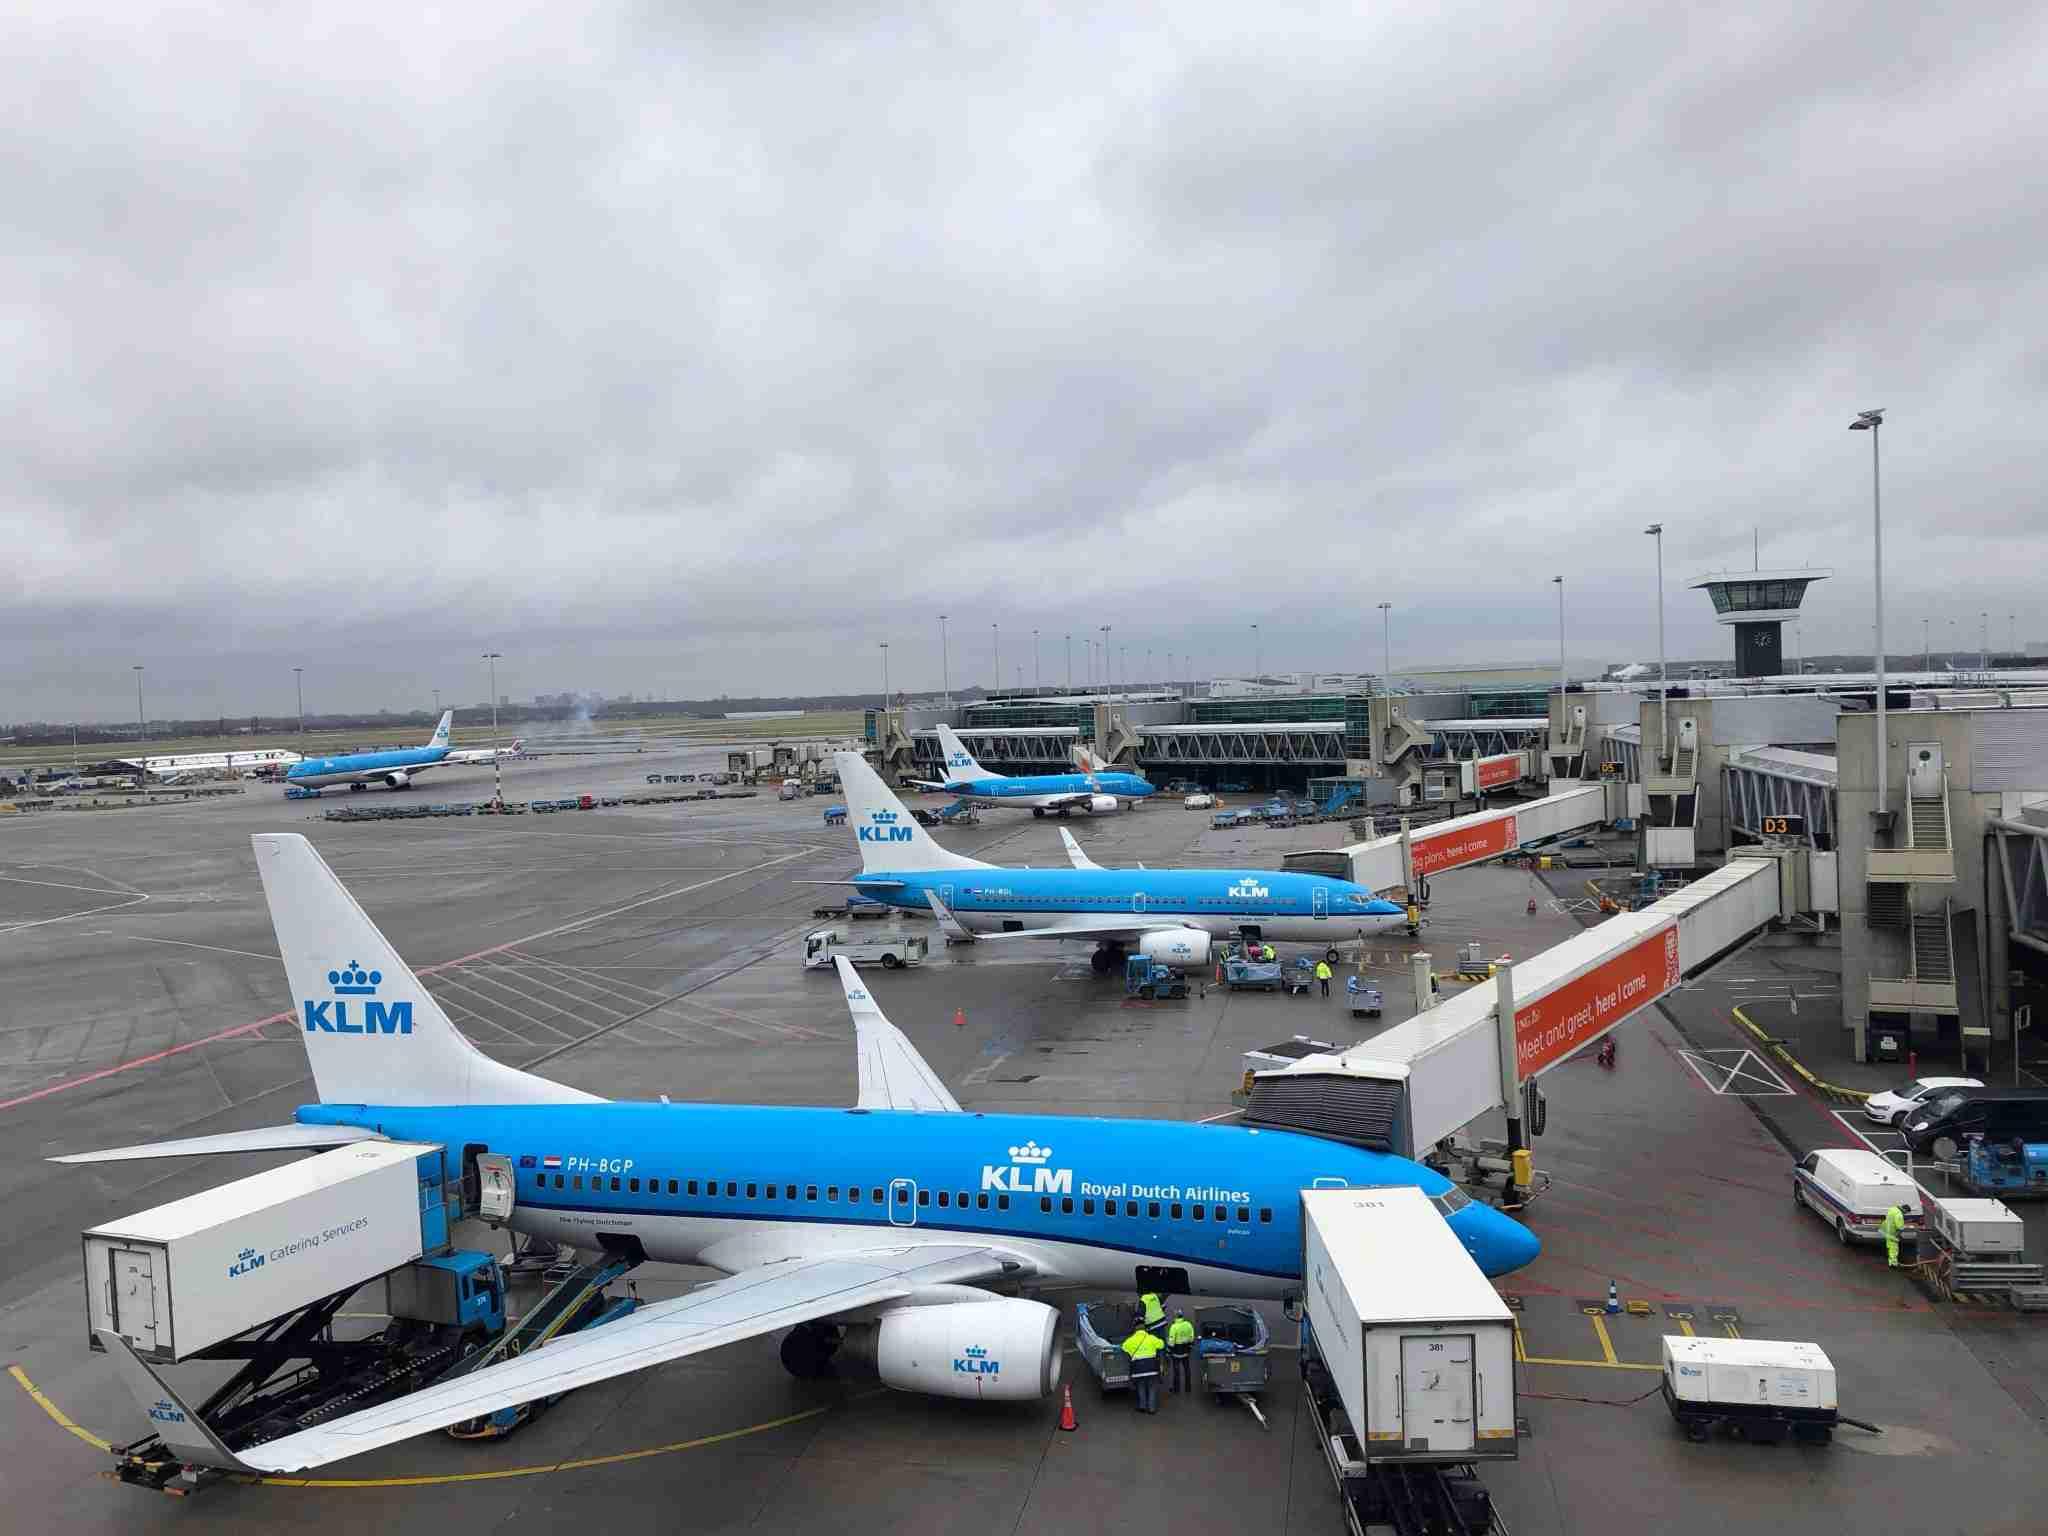 737s in KLM